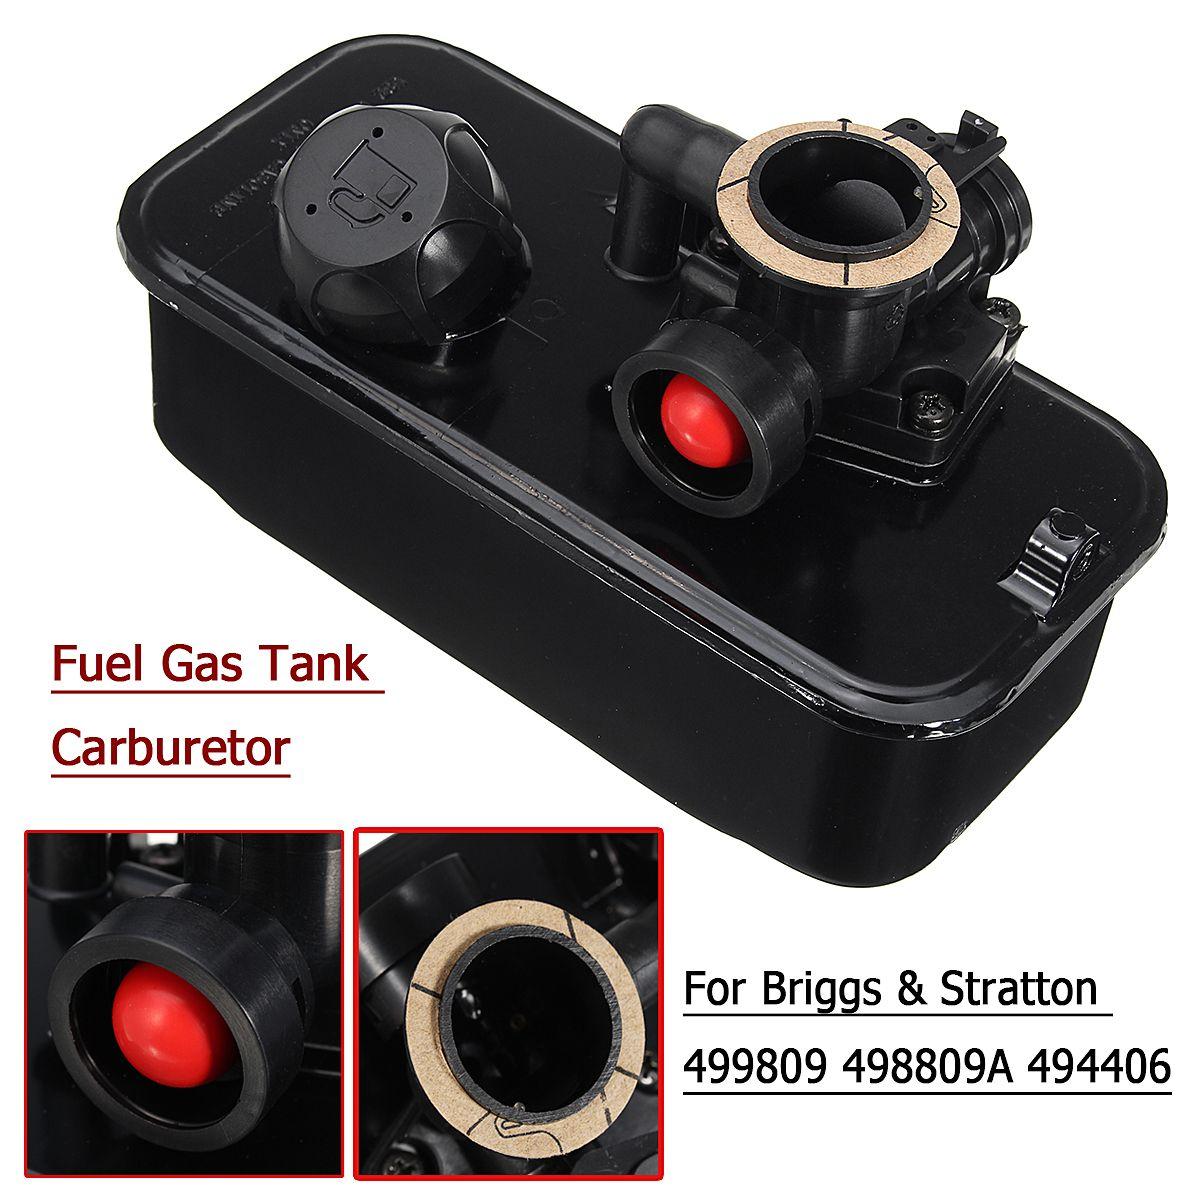 Kraftstoff Gas Tank Mäher Vergaser Carb für Briggs & Stratton 499809 498809A 494406